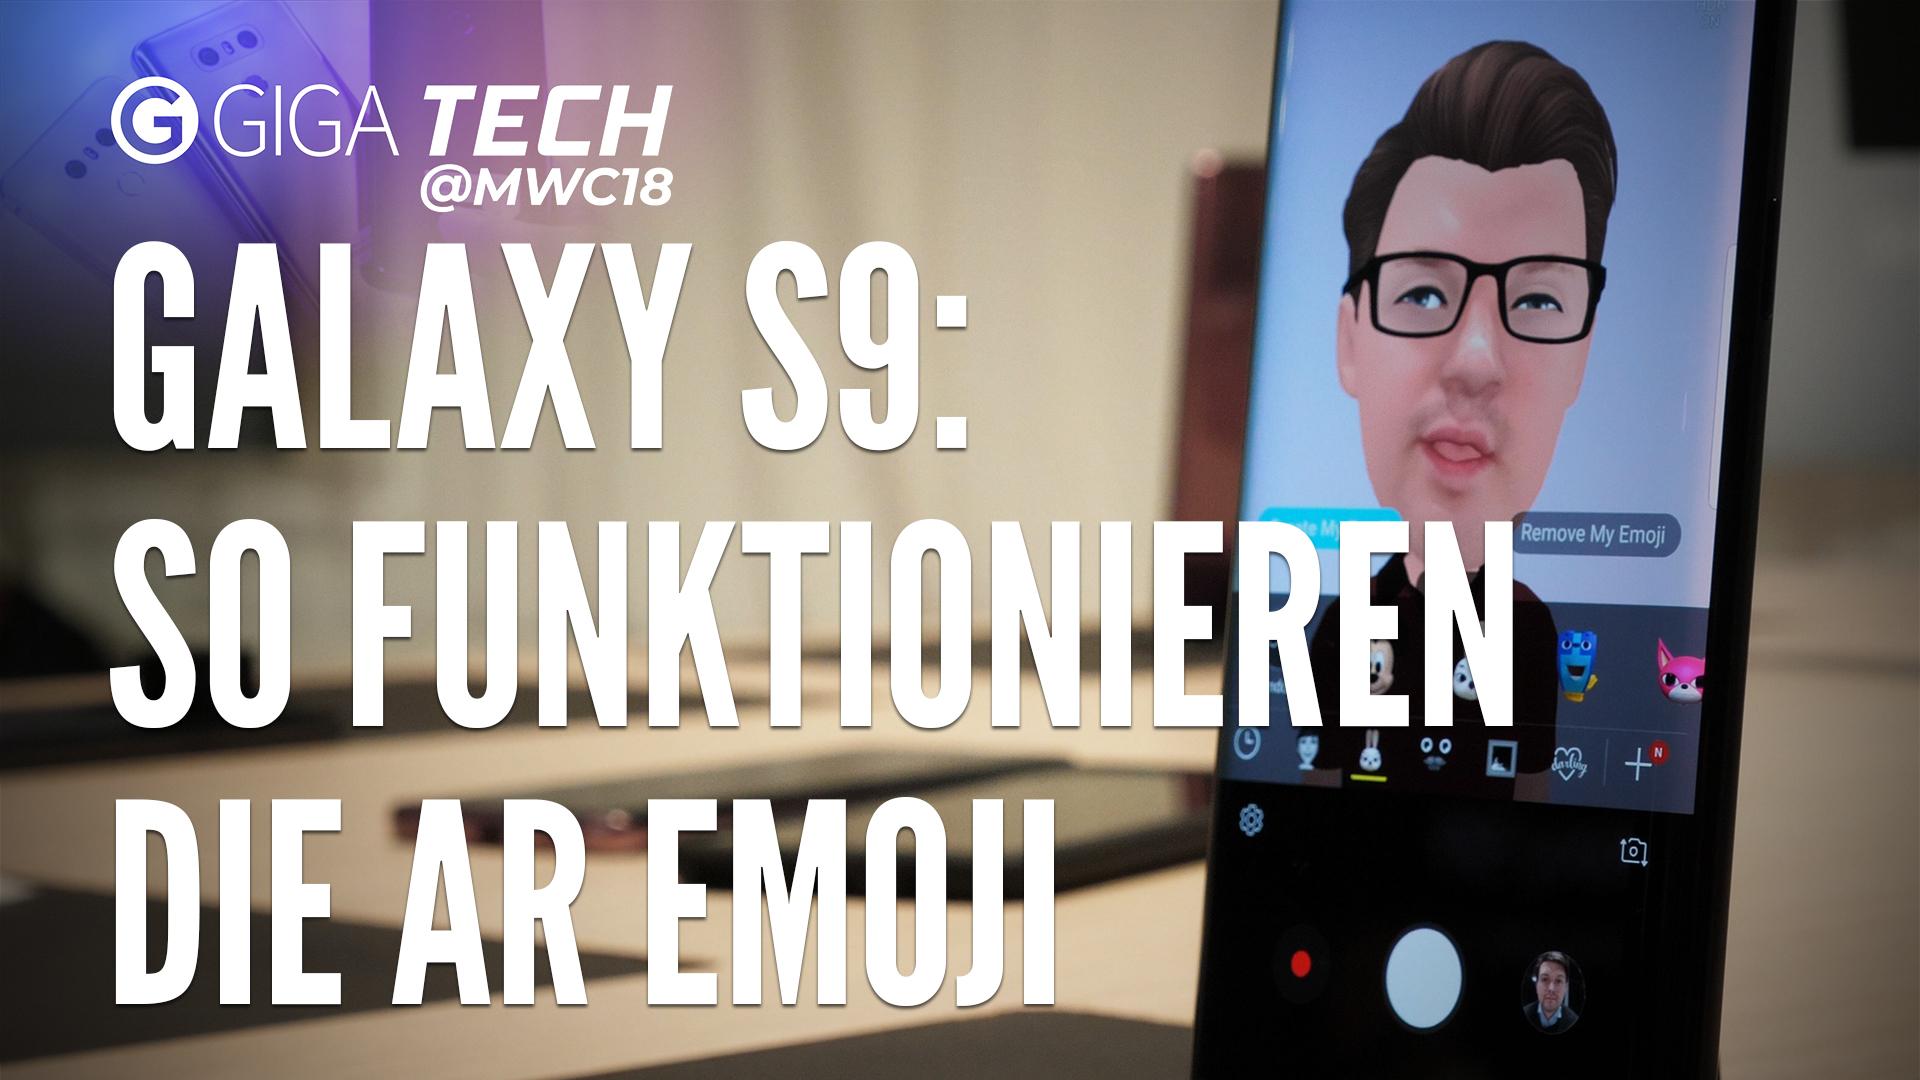 Samsung Galaxy S9 (Plus): So funktionieren die AR Emojis